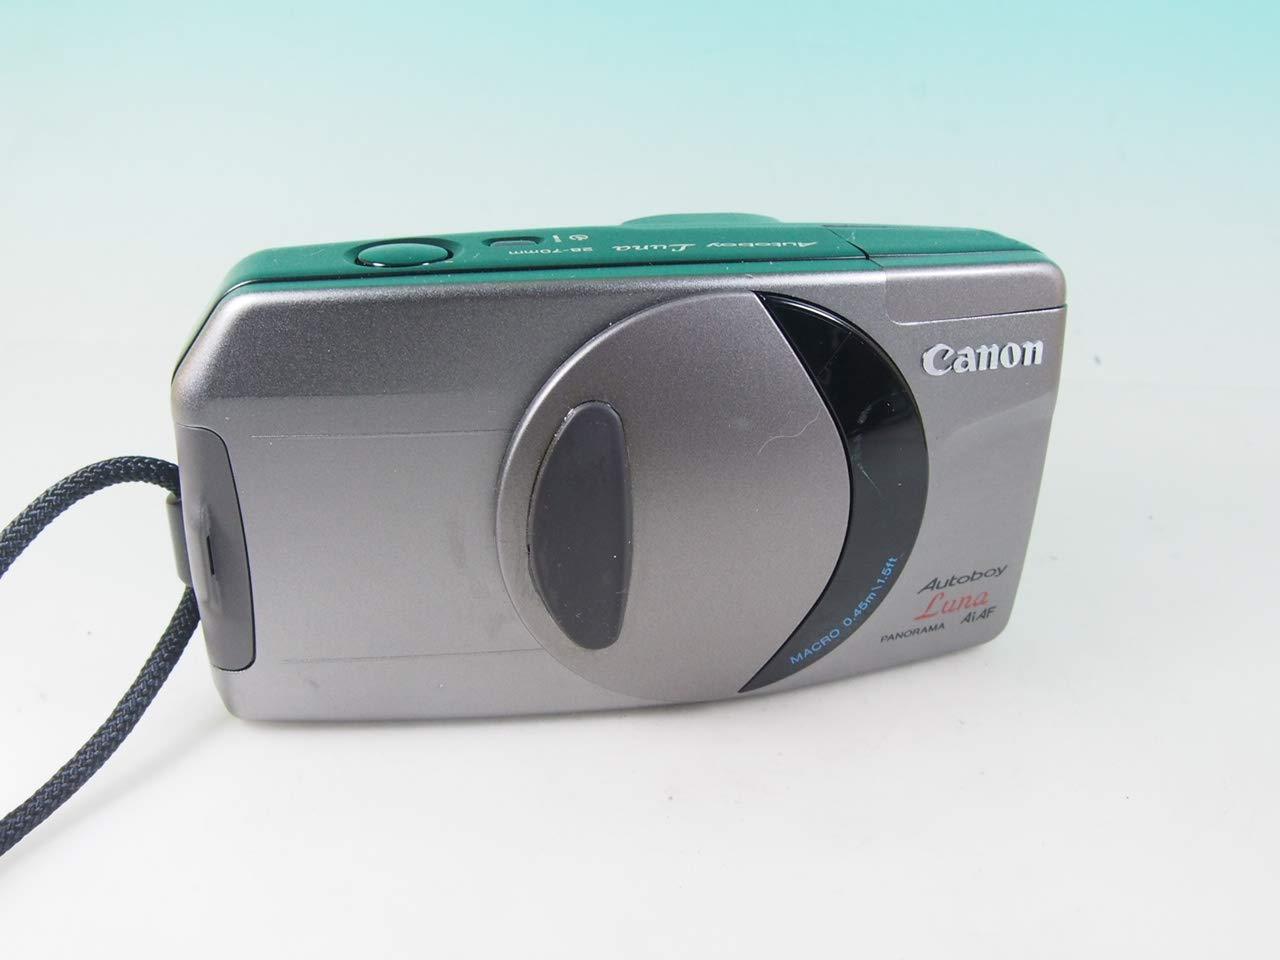 人気新品入荷 Canon B007RTDPPO Autoboy Autoboy Canon Luna B007RTDPPO, 犬首輪専門店 クリスタルポイント:a8d64d4b --- vanhavertotgracht.nl